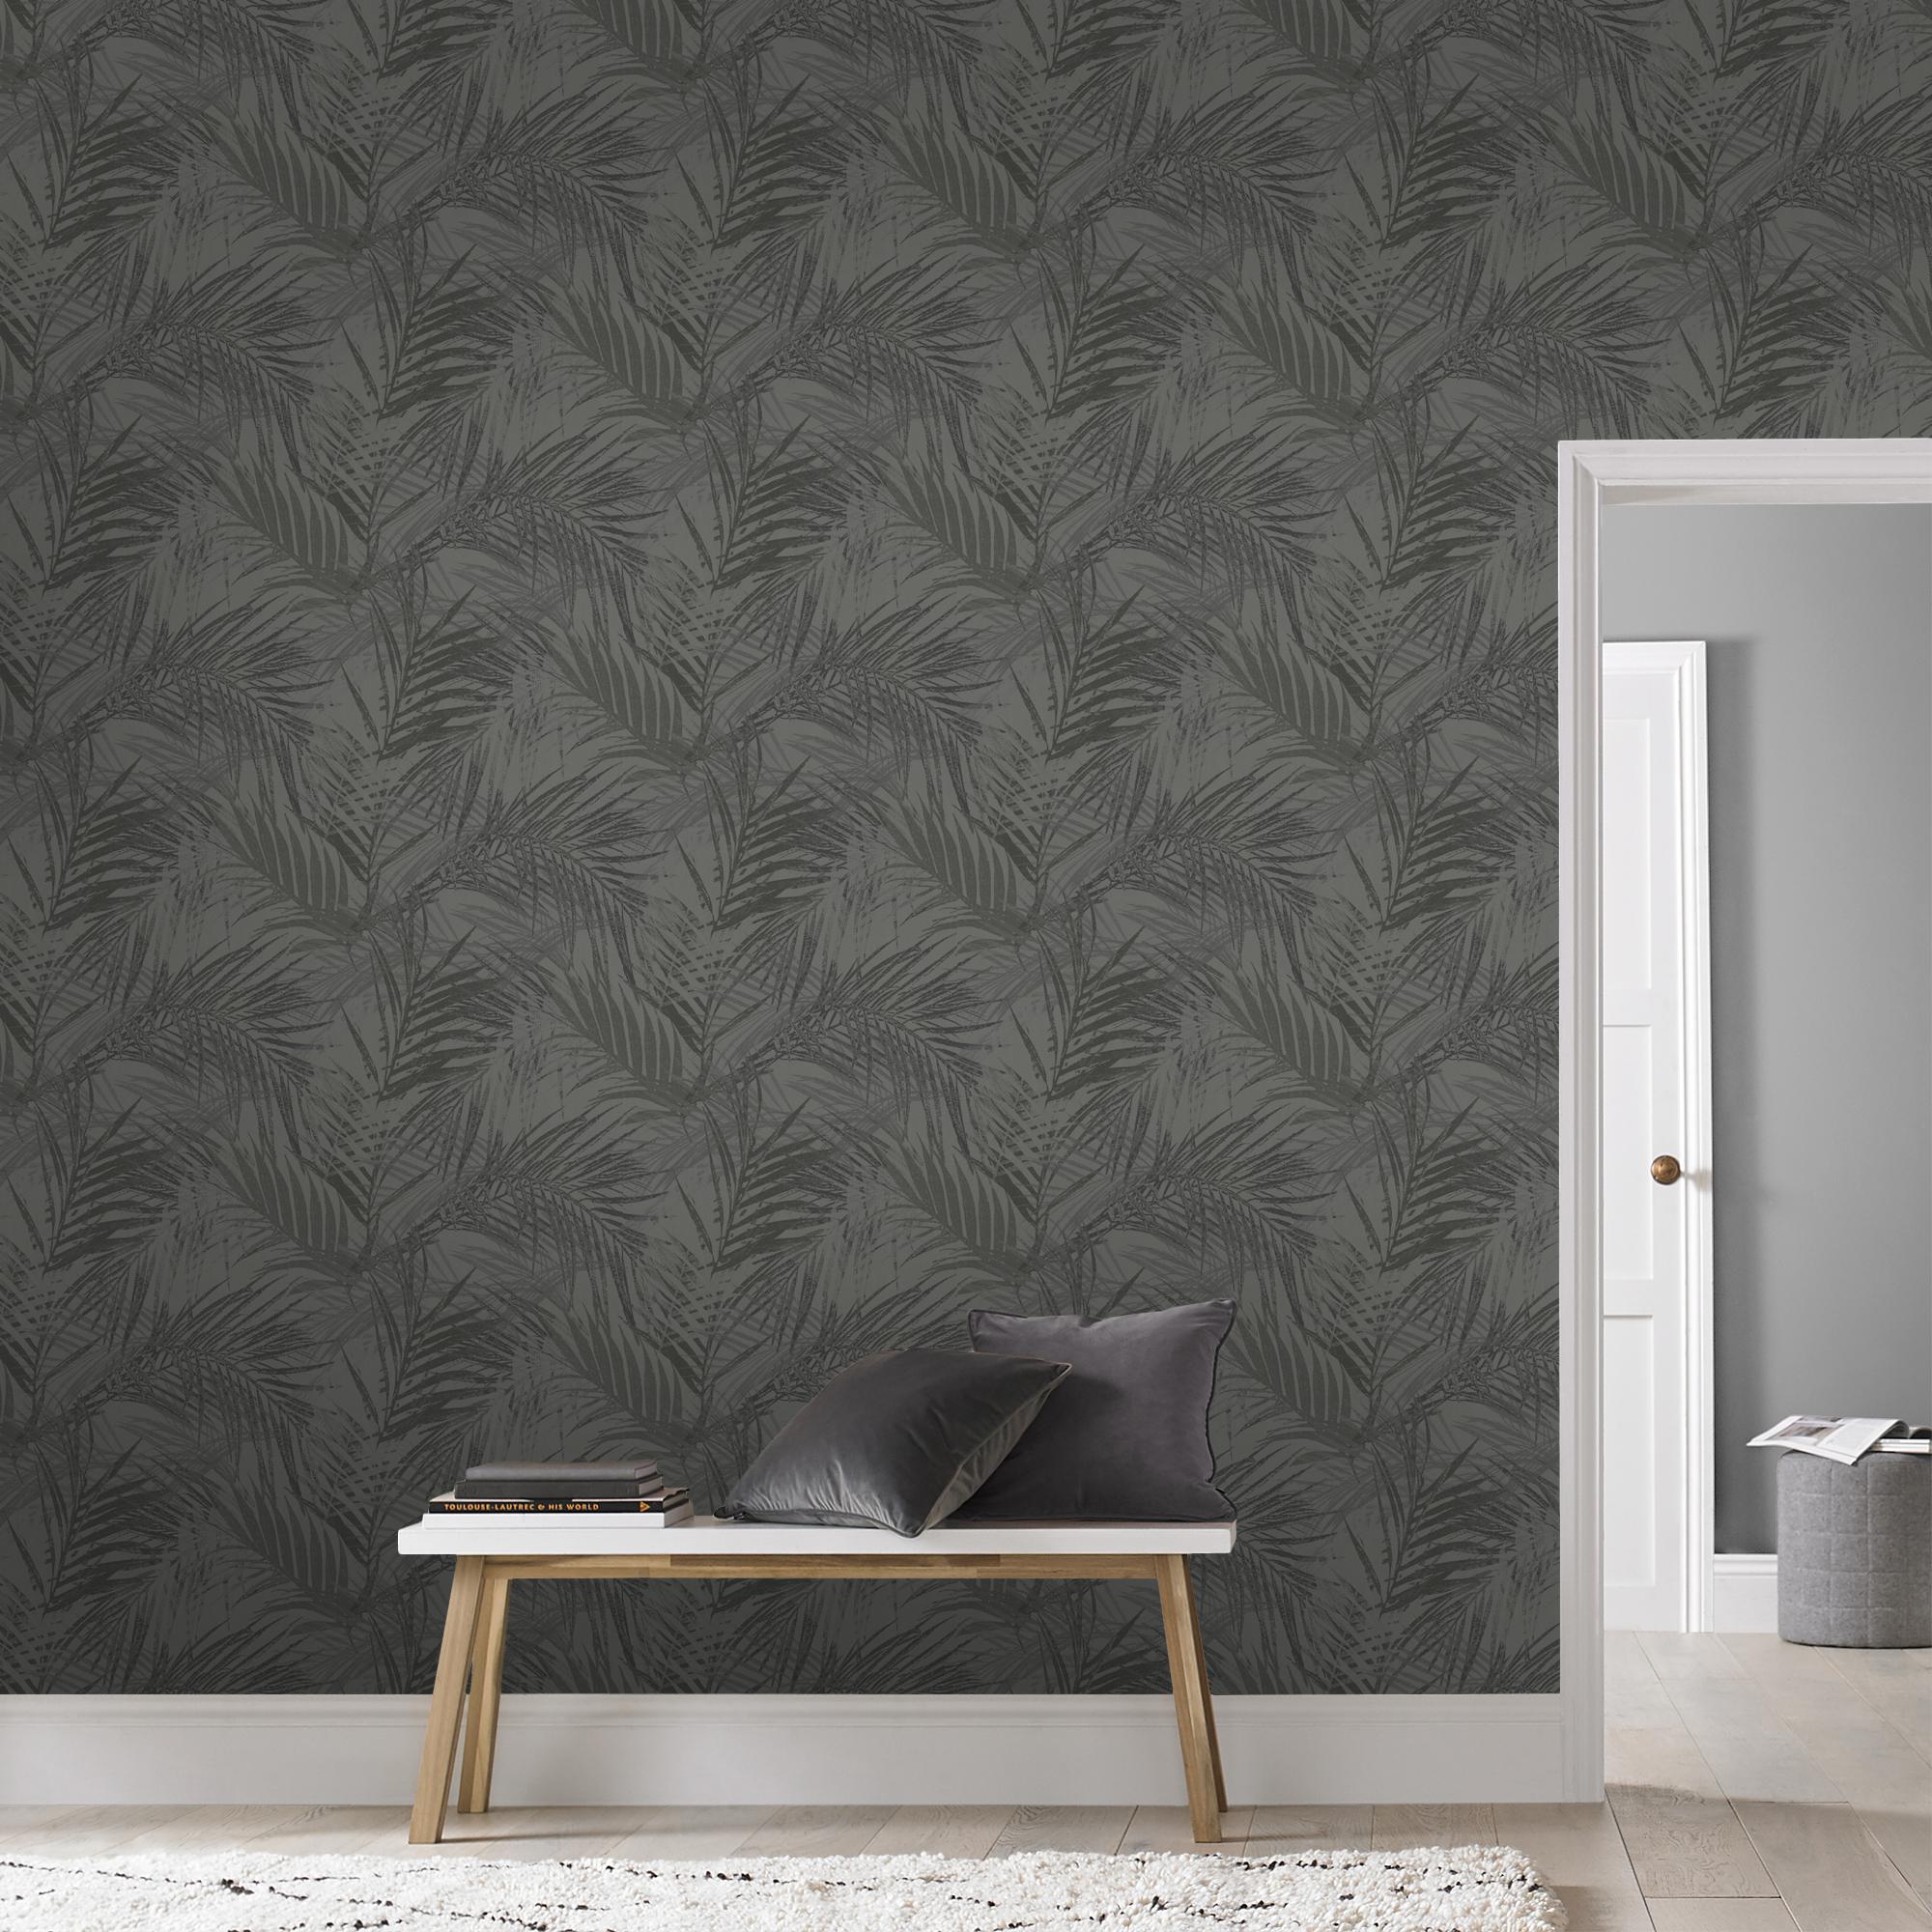 Papier peint intissé feuilles d'été gris 1005x52cm